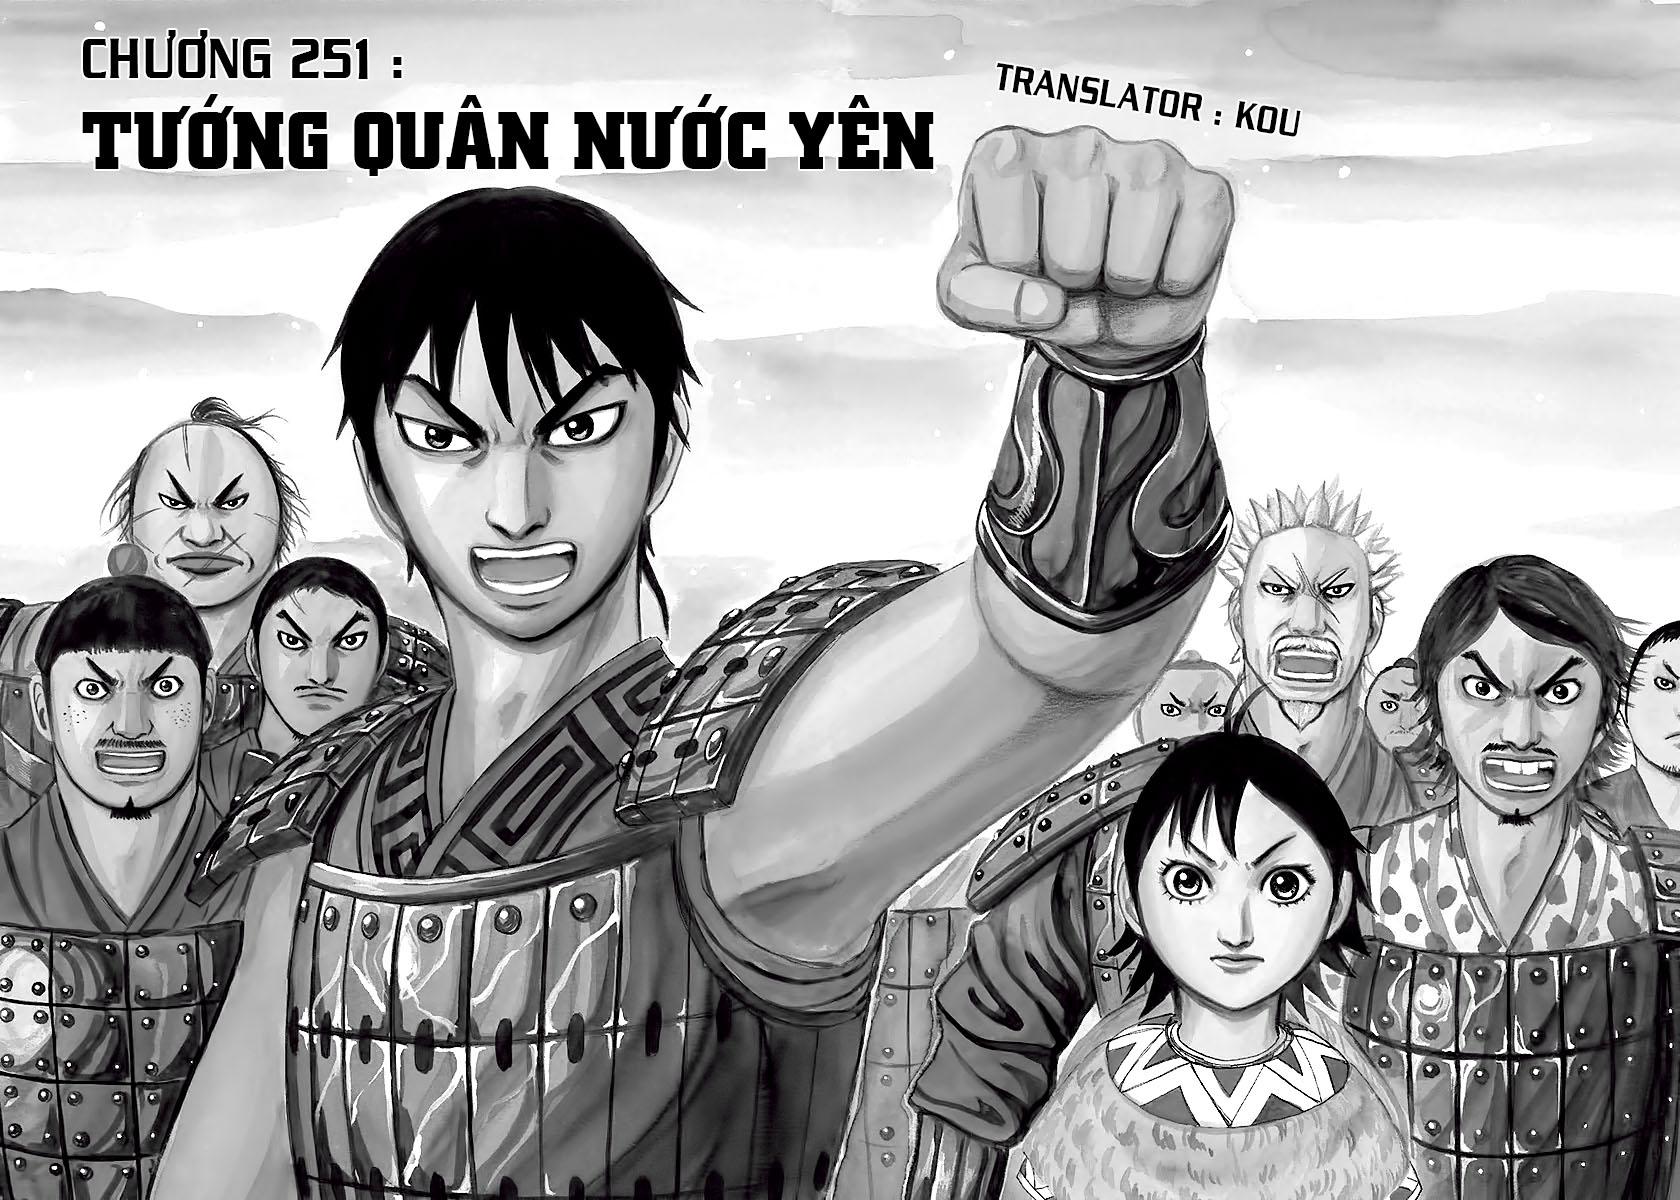 Kingdom – Vương Giả Thiên Hạ (Tổng Hợp) chap 251 page 6 - IZTruyenTranh.com